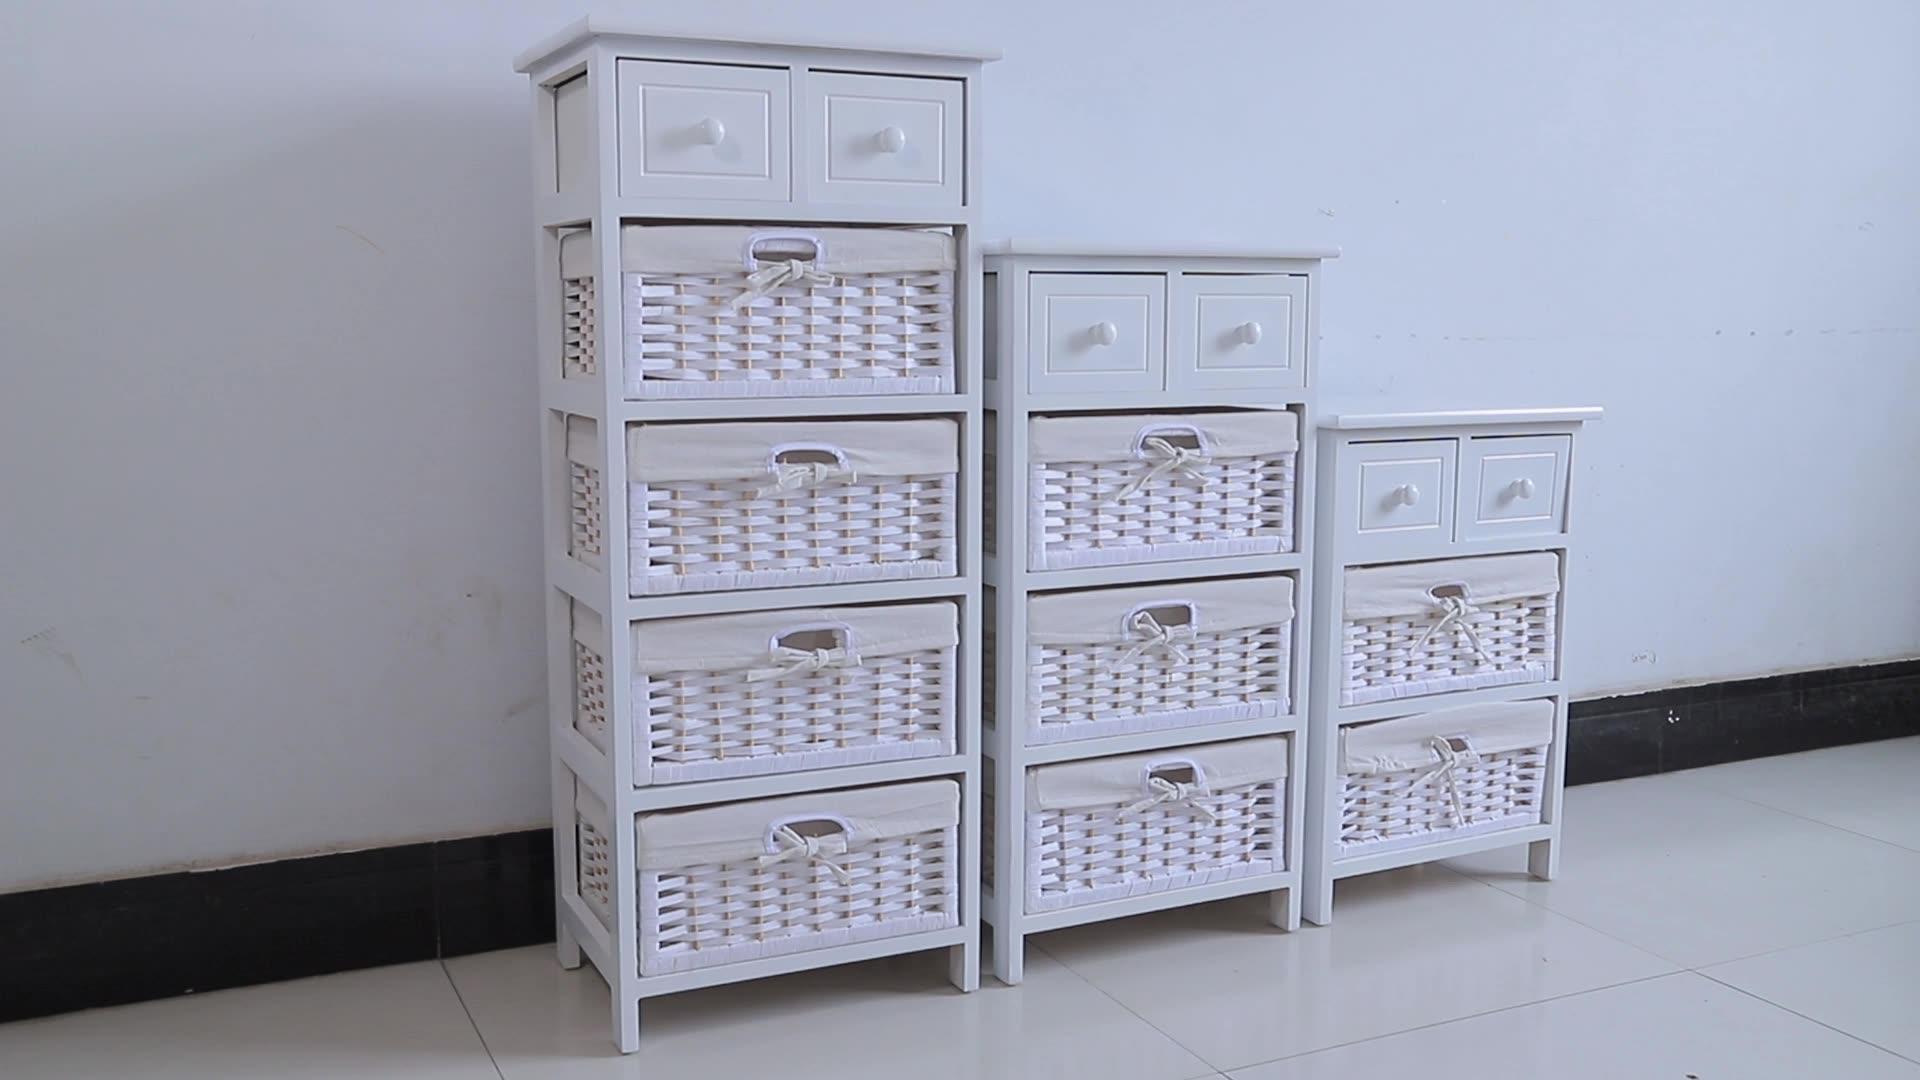 Bianco armadio di stoccaggio mobili industriale del commercio all'ingrosso con cestino rattan